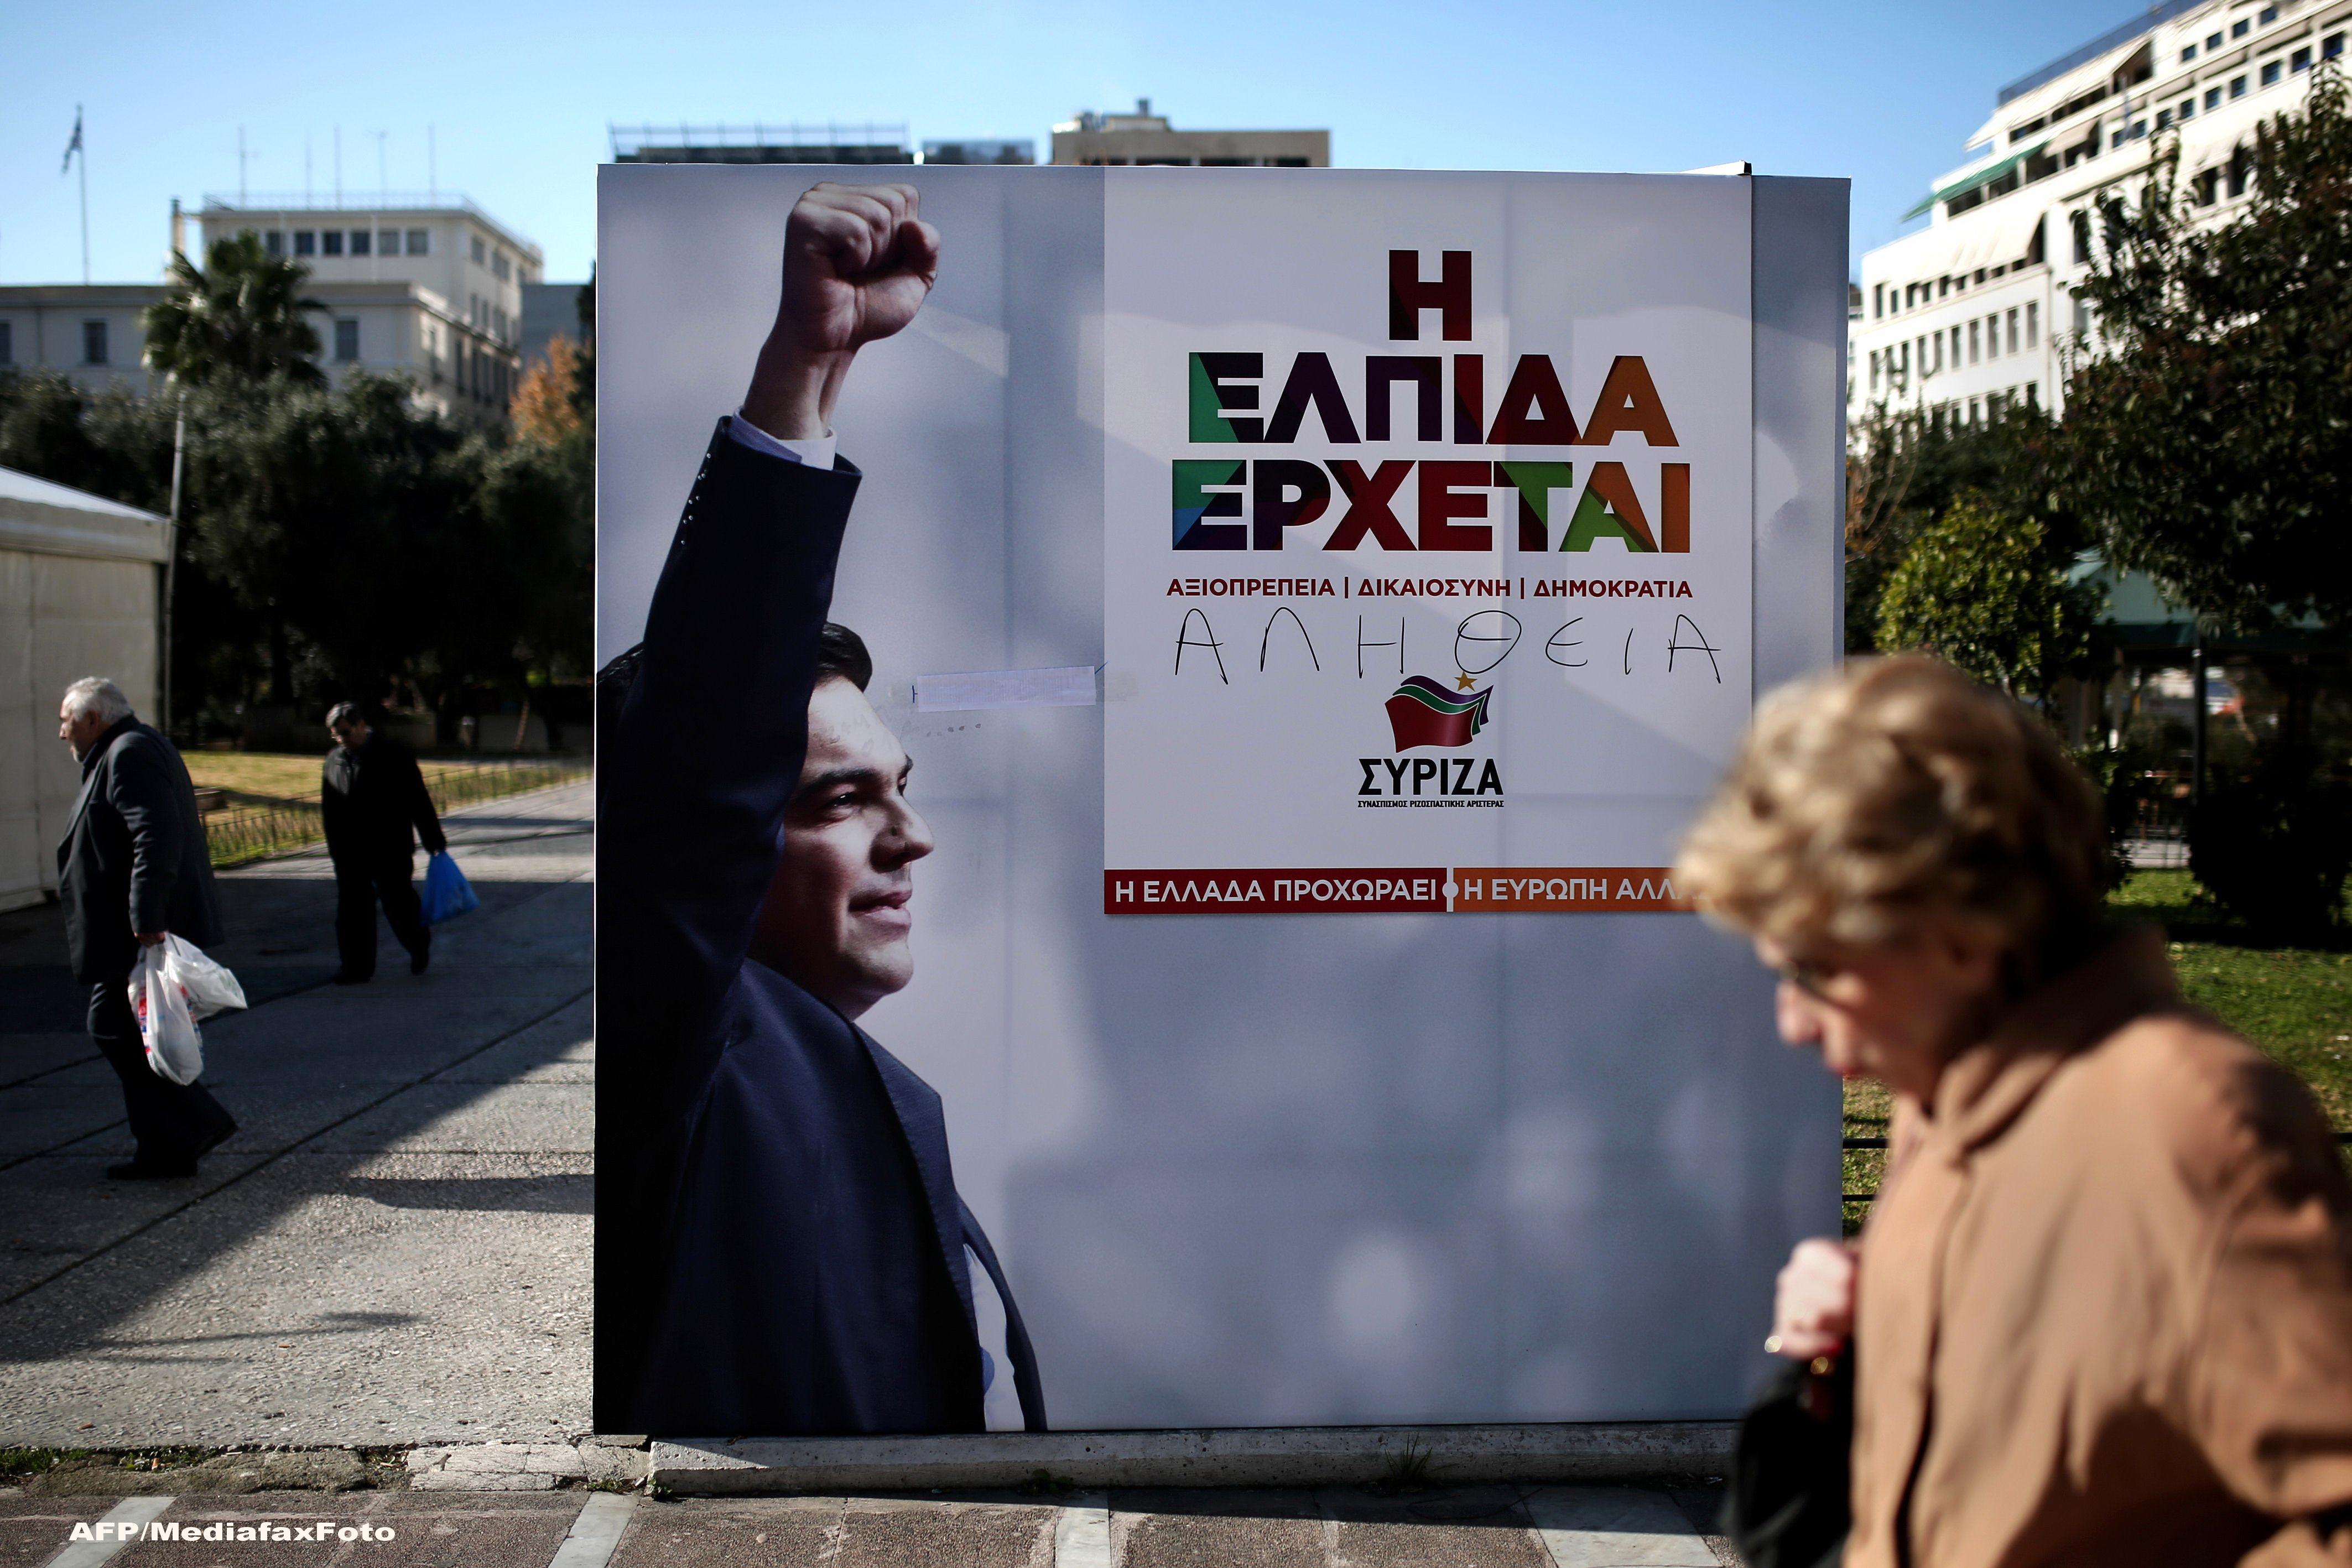 Banca centrala a Greciei a cerut BCE aprobarea unei linii stand-by de finantare de urgenta